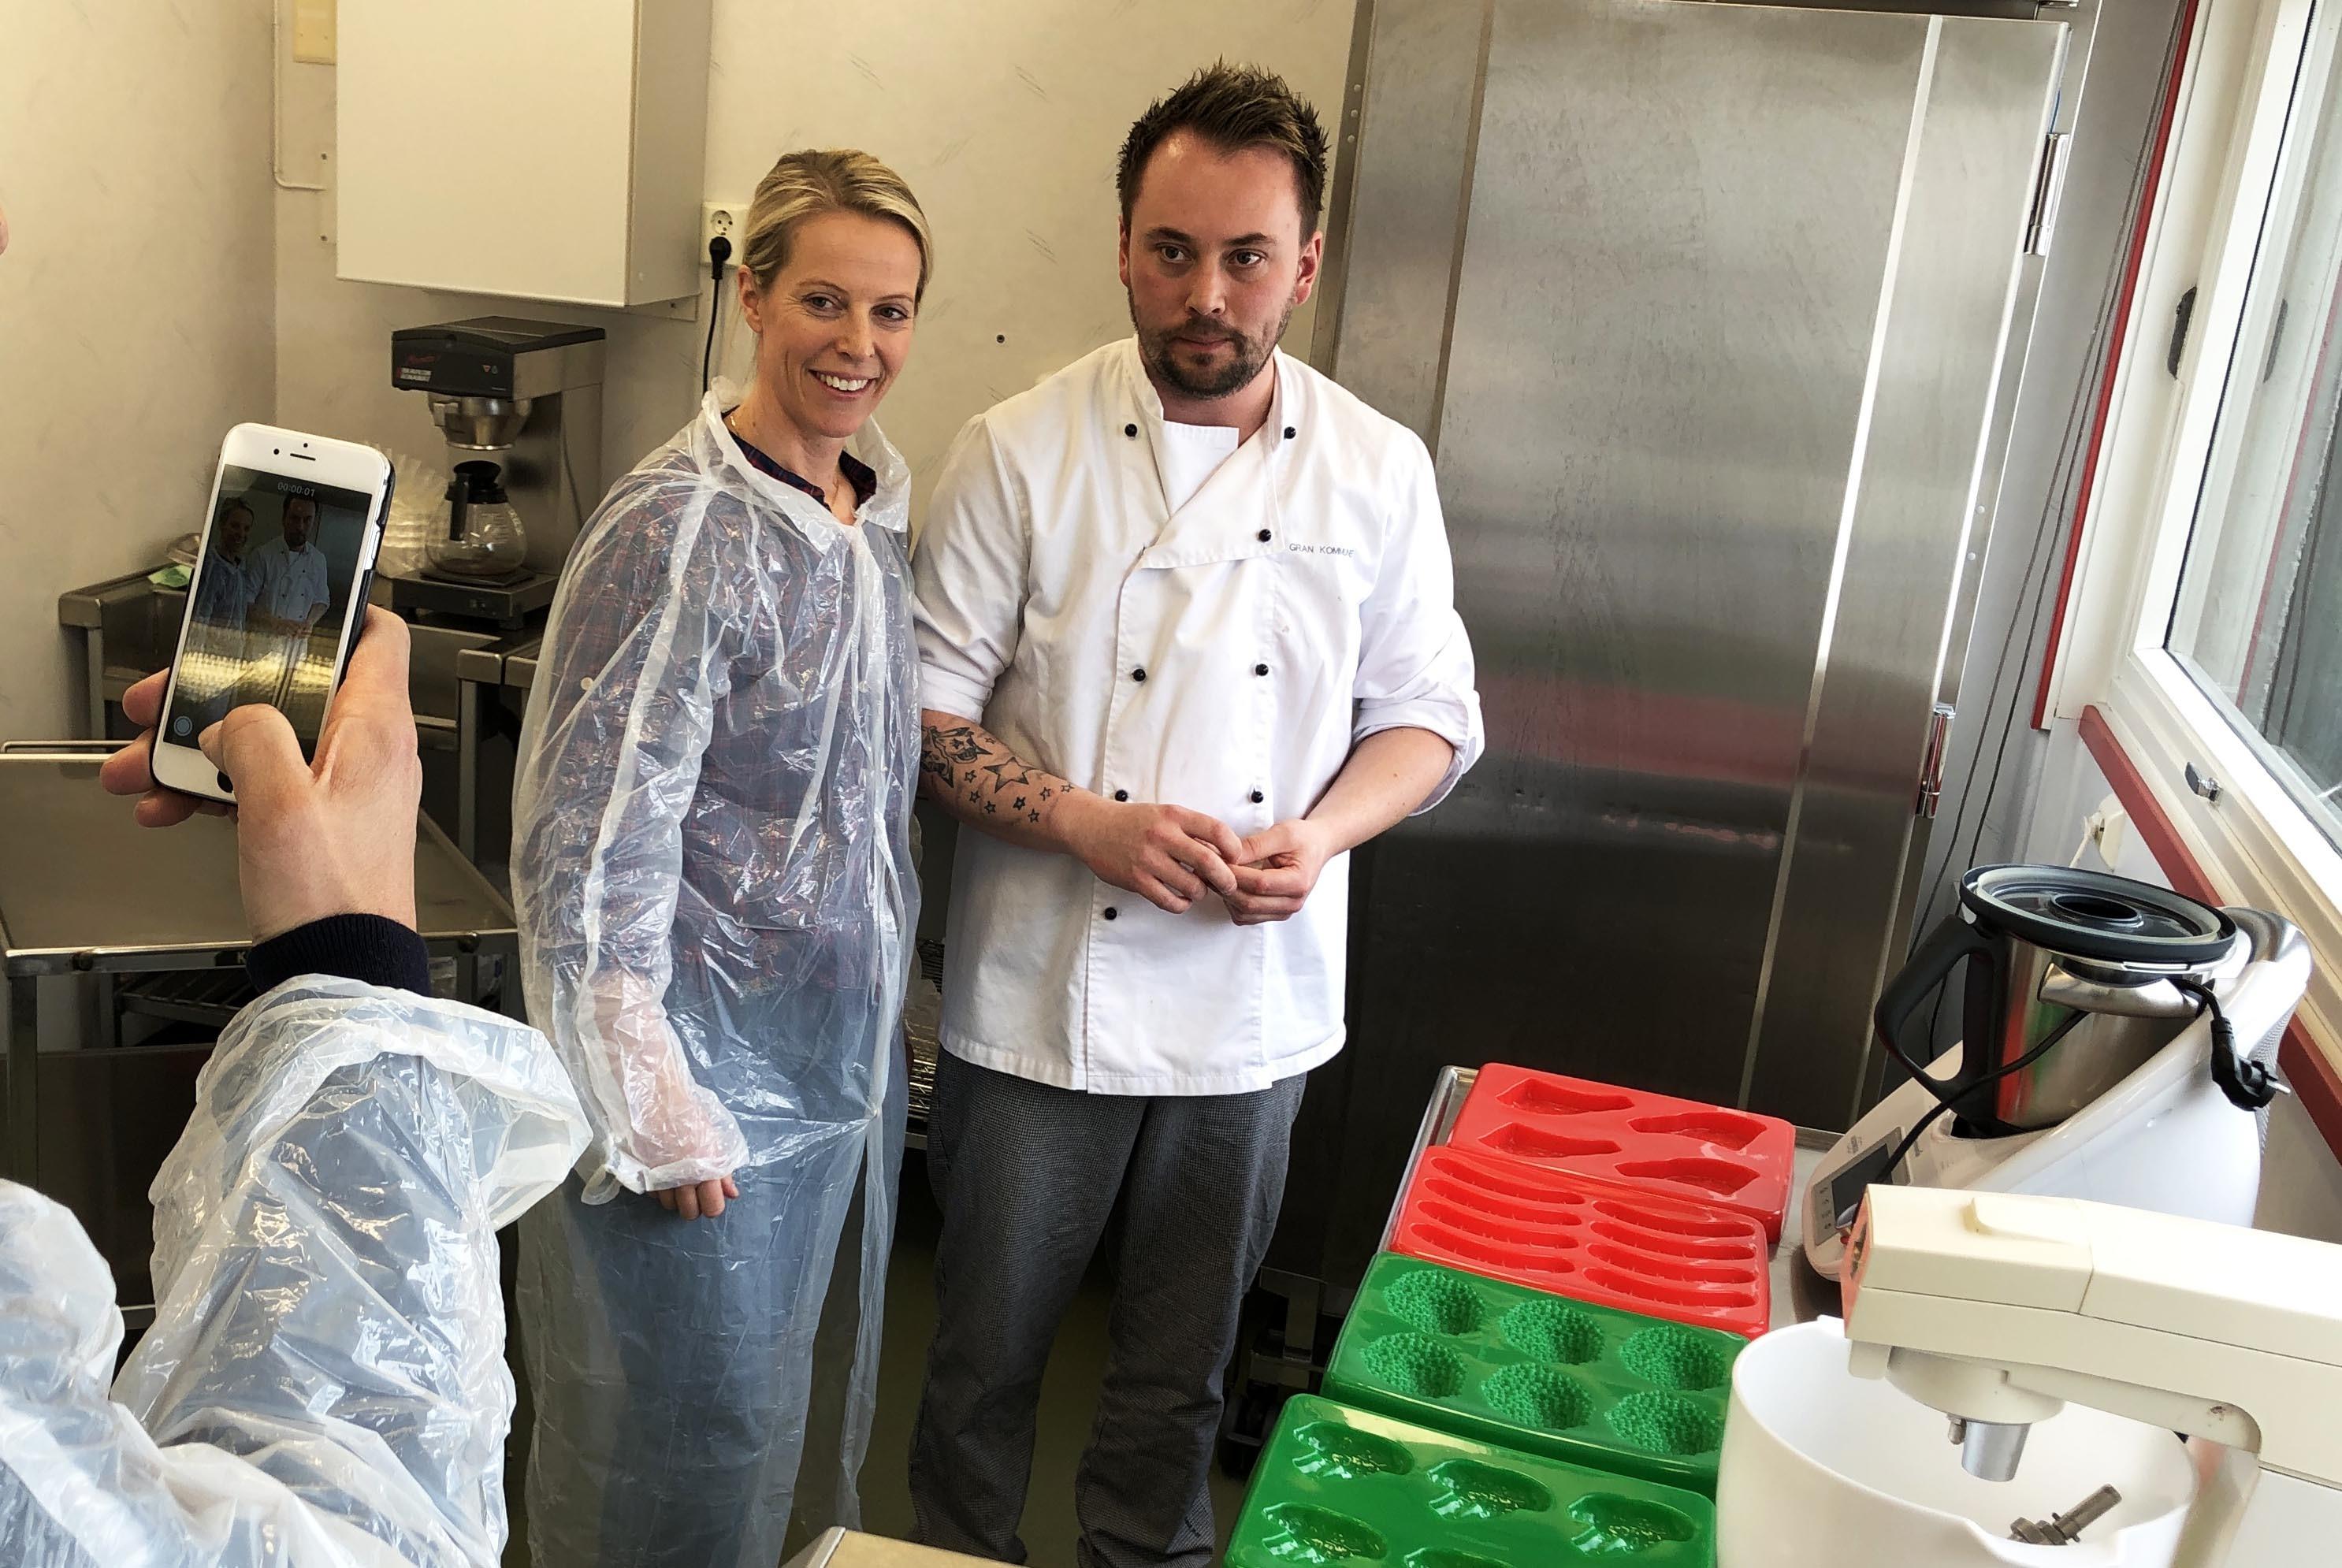 Charlotte Mohn Gaustad og Thomas Håvi Åmot har stilt seg opp for å bli tatt bilde av.